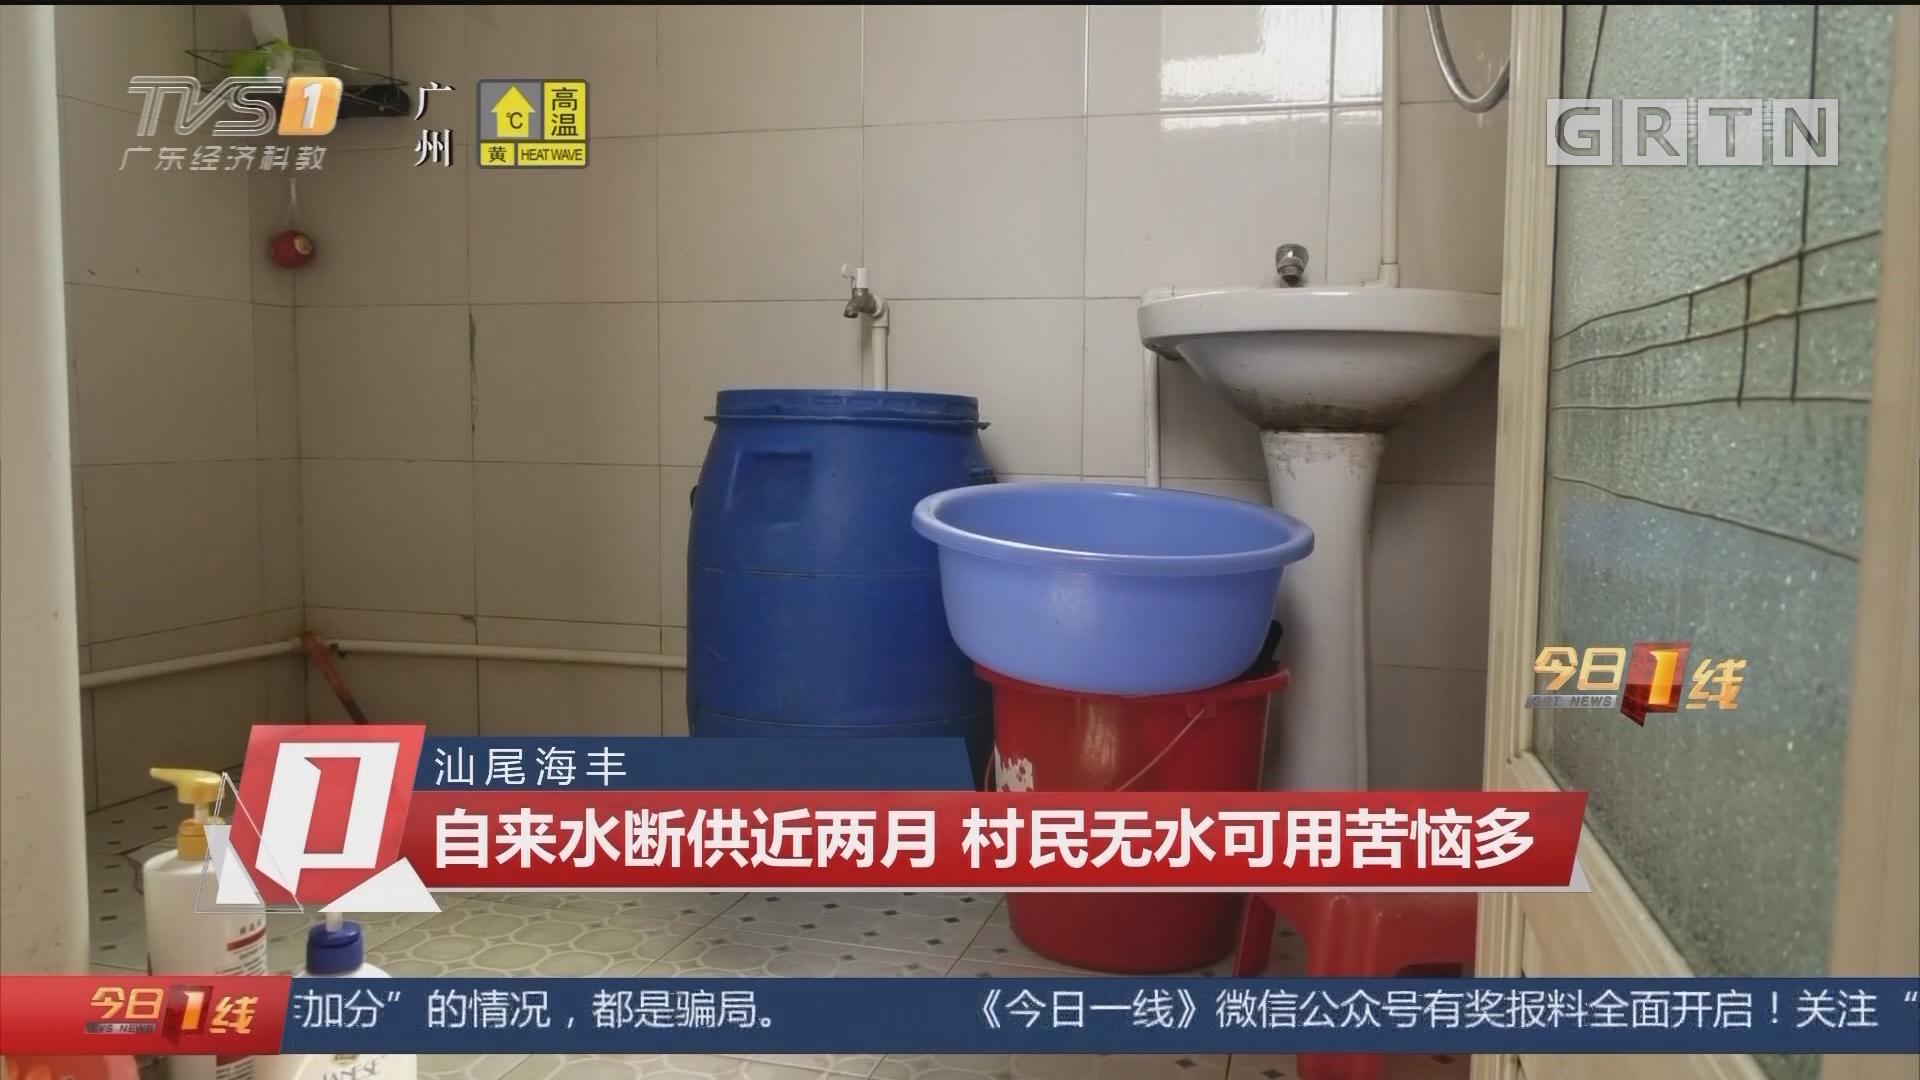 汕尾海丰:自来水断供近两月 村民无水可用苦恼多